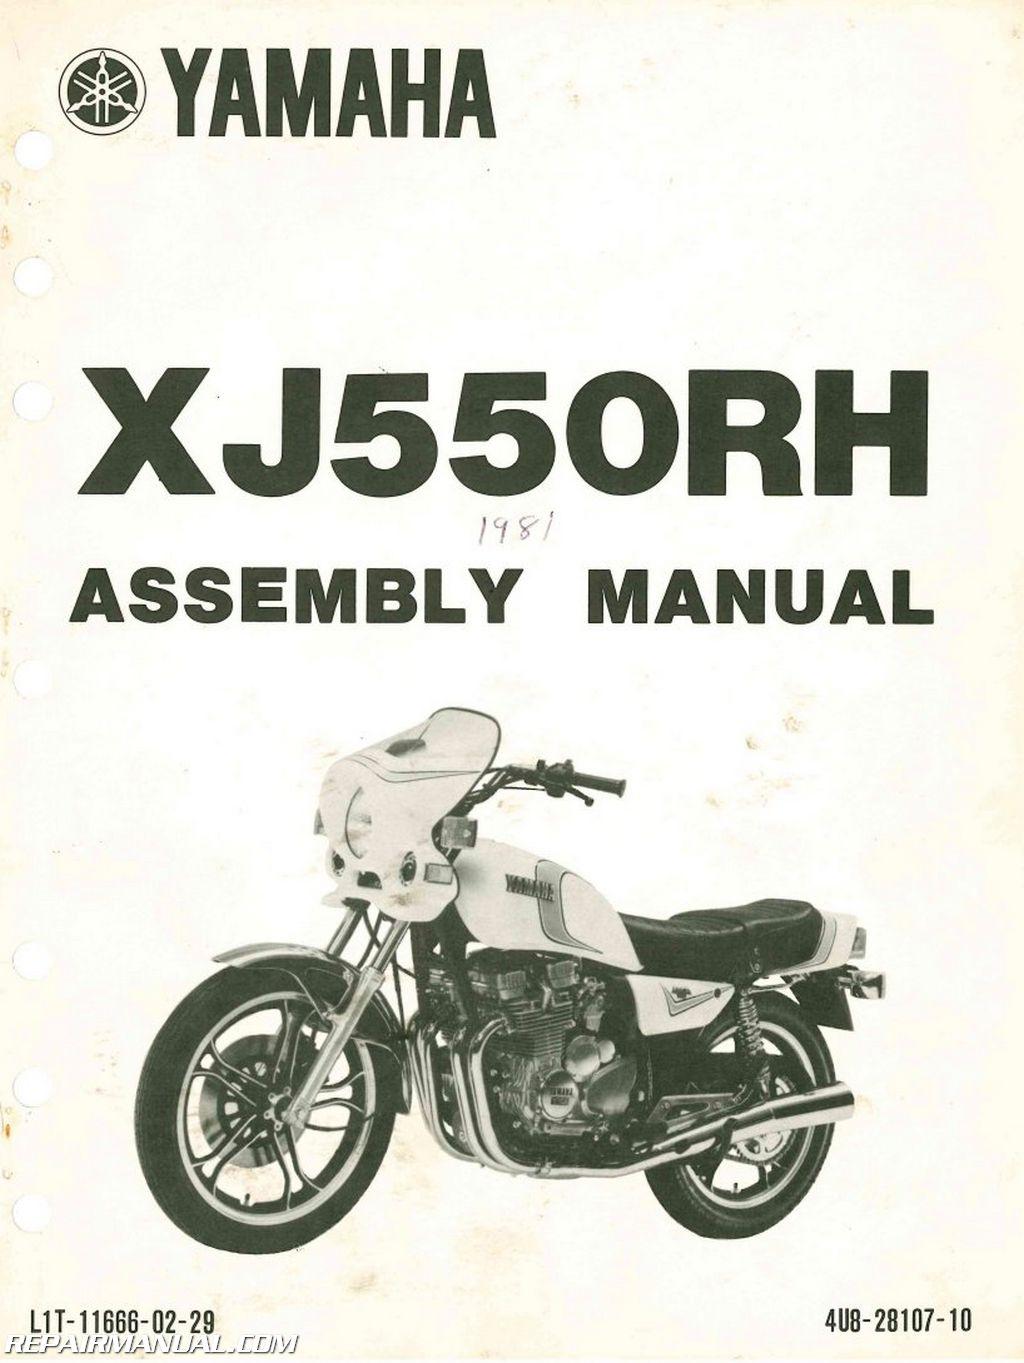 1981 Yamaha XJ550RH Seca Assembly Manual